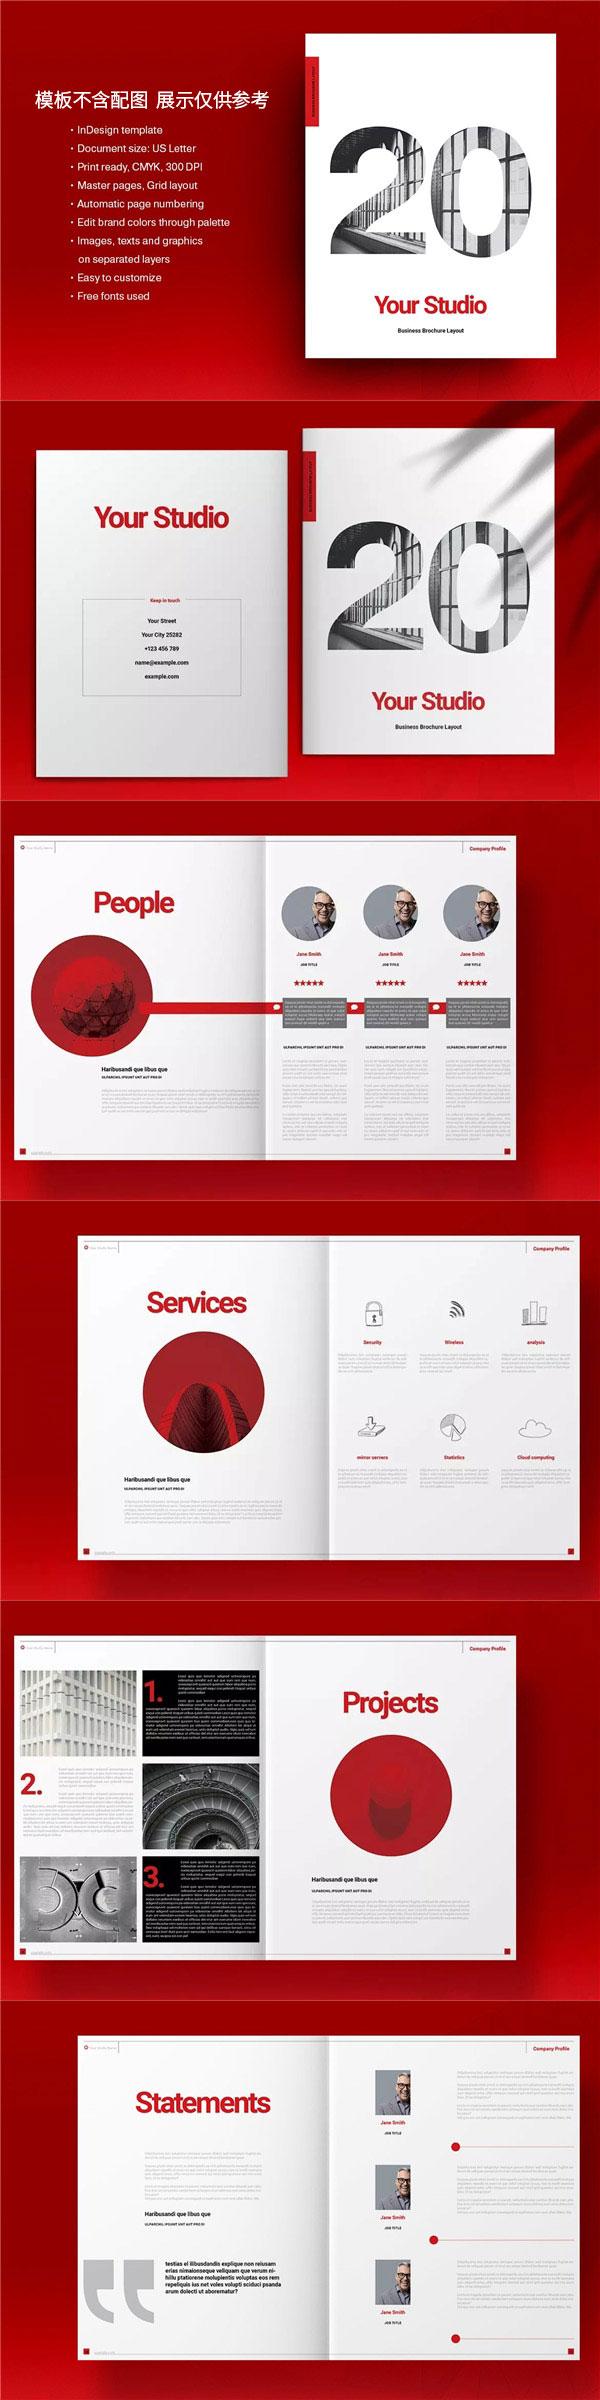 企业机构宣传册